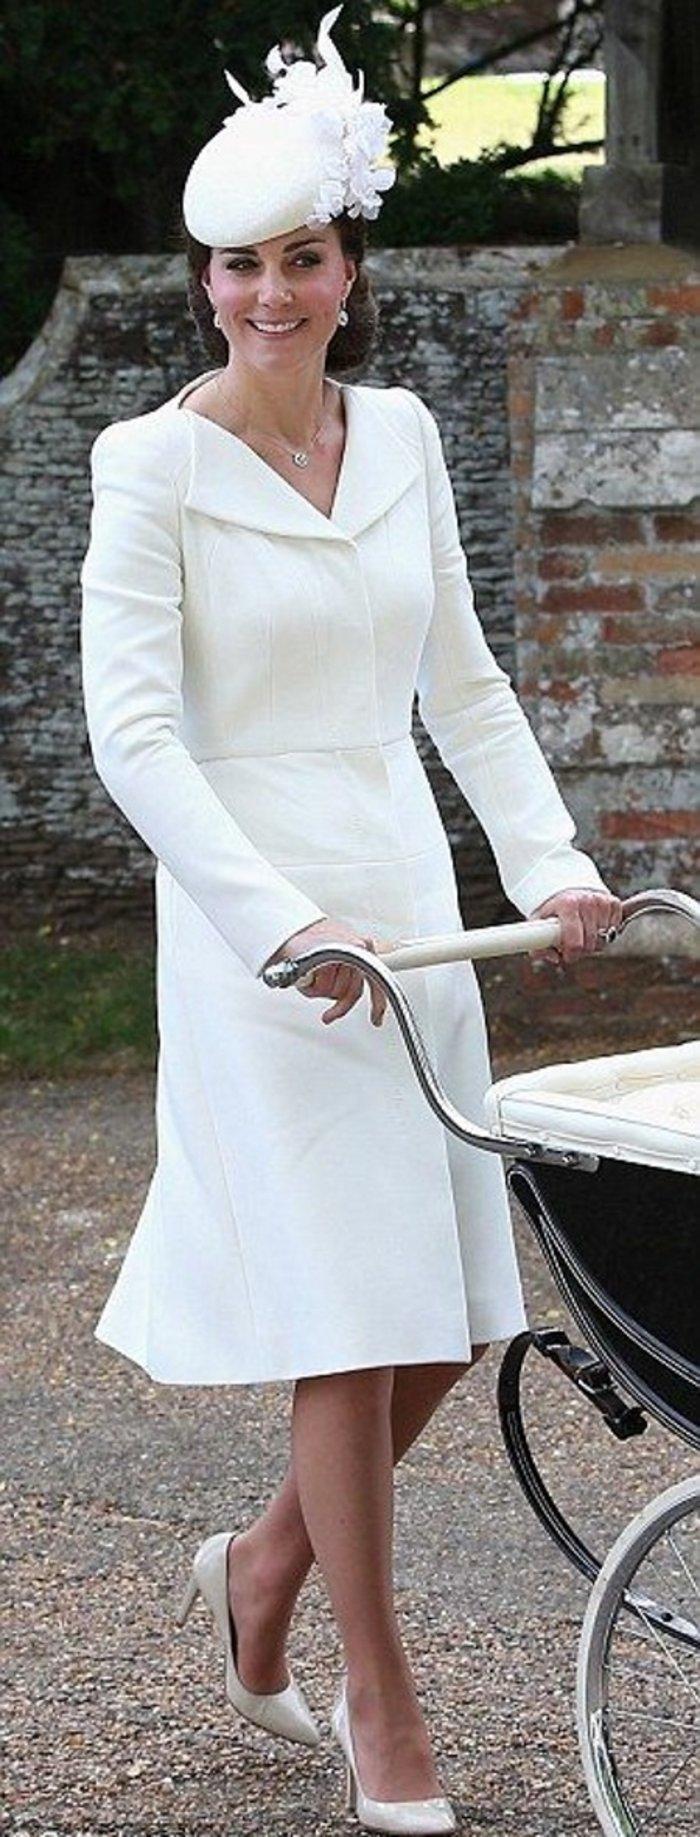 Μπαζιάνα στα χνάρια της Μίντλετον: με ίδιο φόρεμα σε 2 επίσημες εμφανίσεις! (εικόνες)